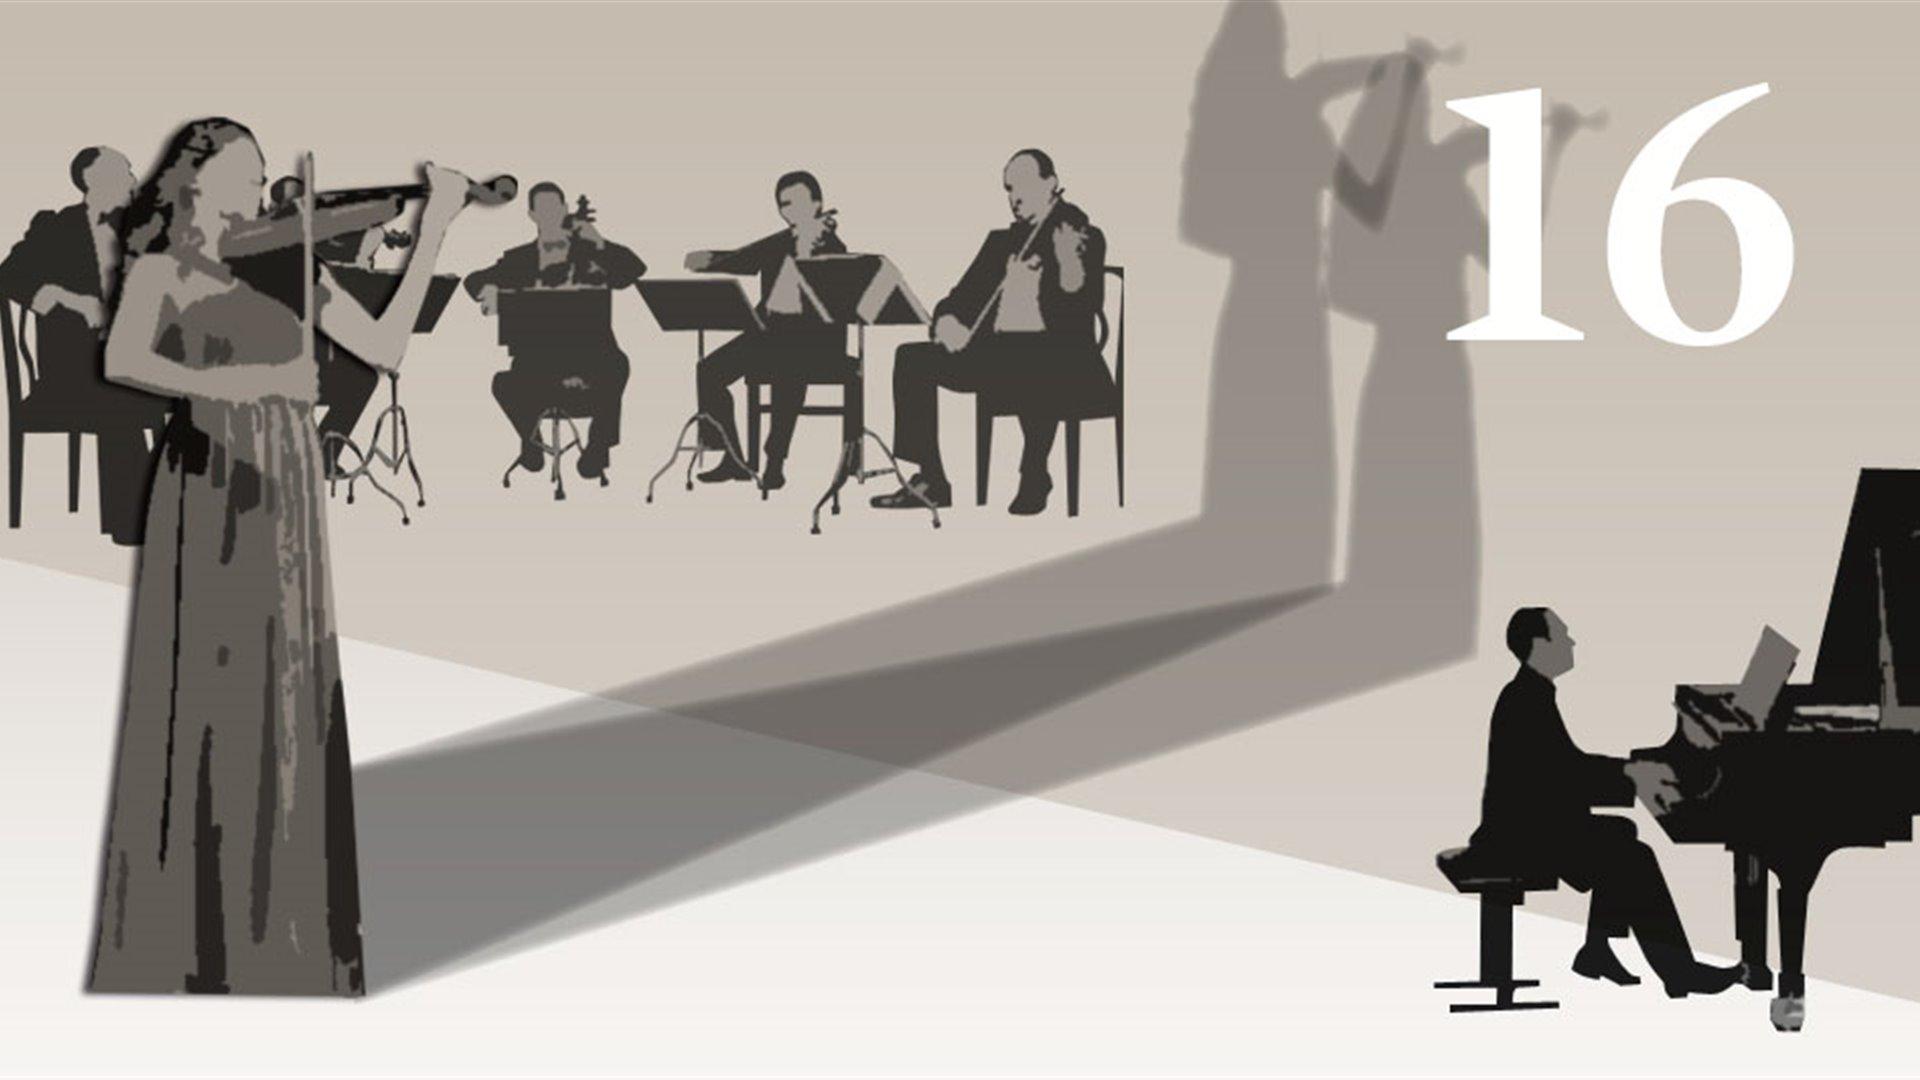 Aula de (Re)estrenos (16). Homenaje a A. García Abril en su 60 Aniversario